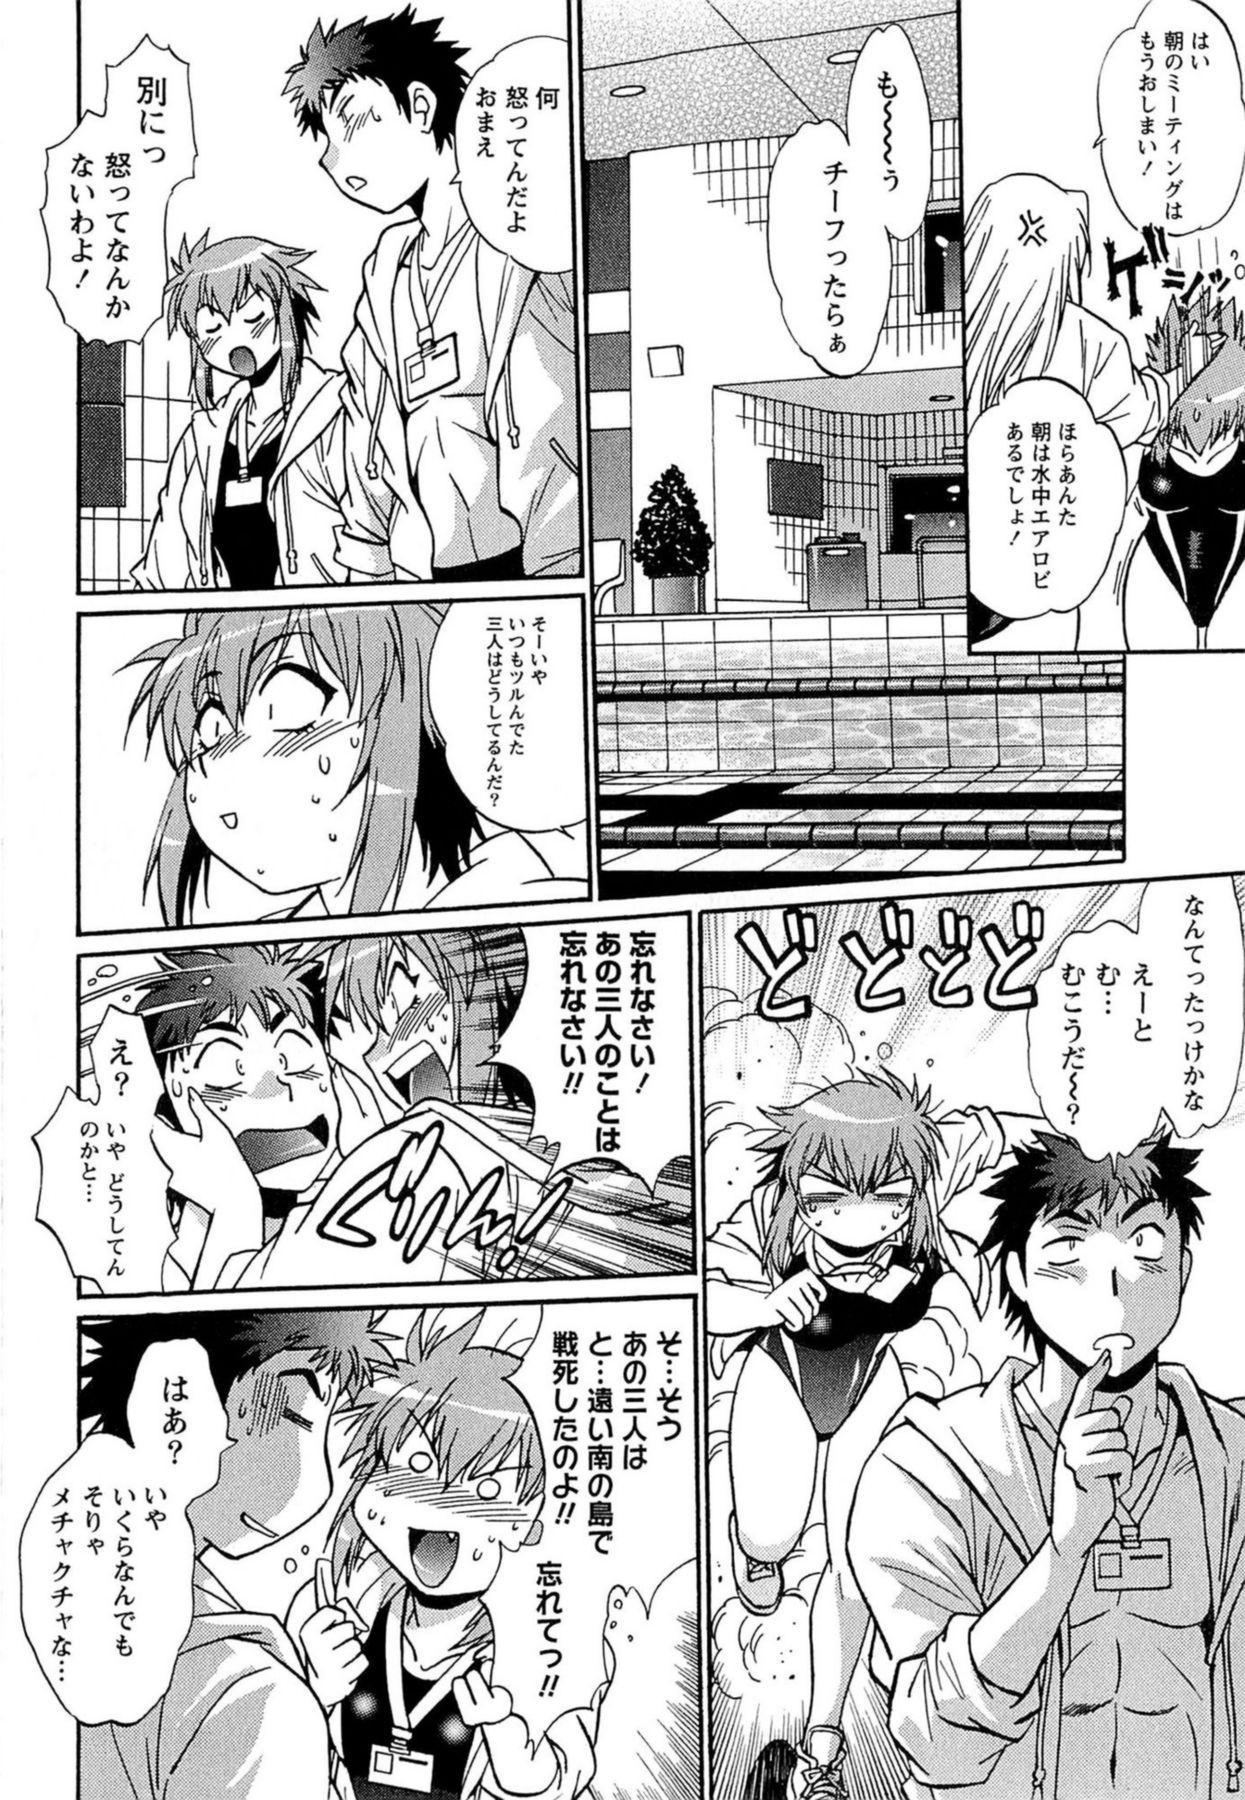 Kuikomi wo Naoshiteru Hima wa Nai! Vol. 1 52